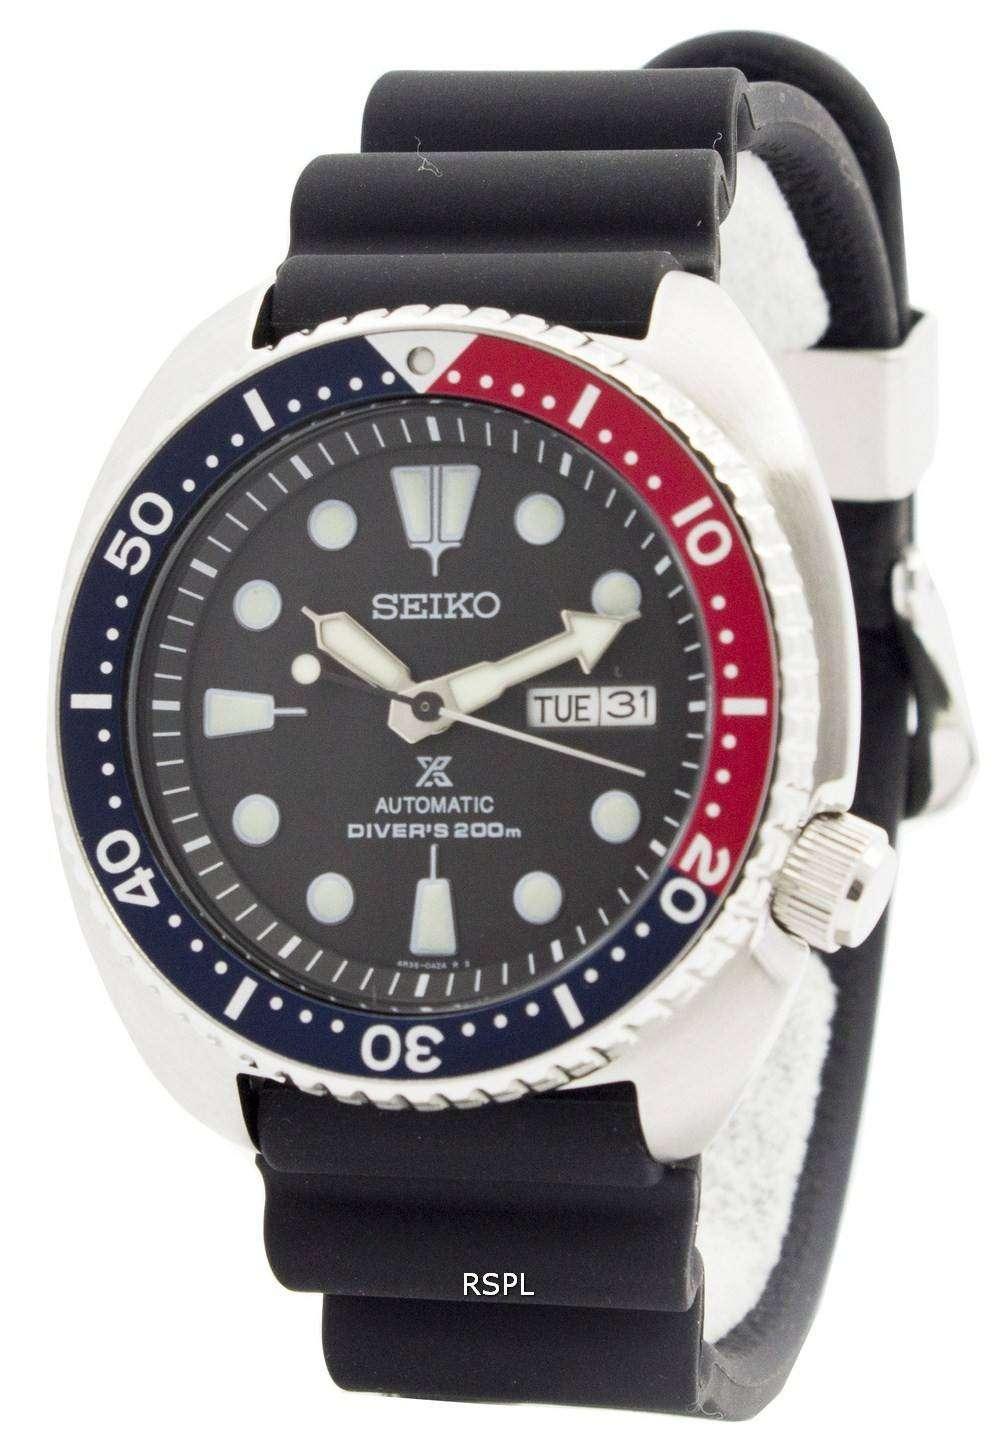 Seiko Prospex Turtle Automatic Diver S 200m Srp779k1